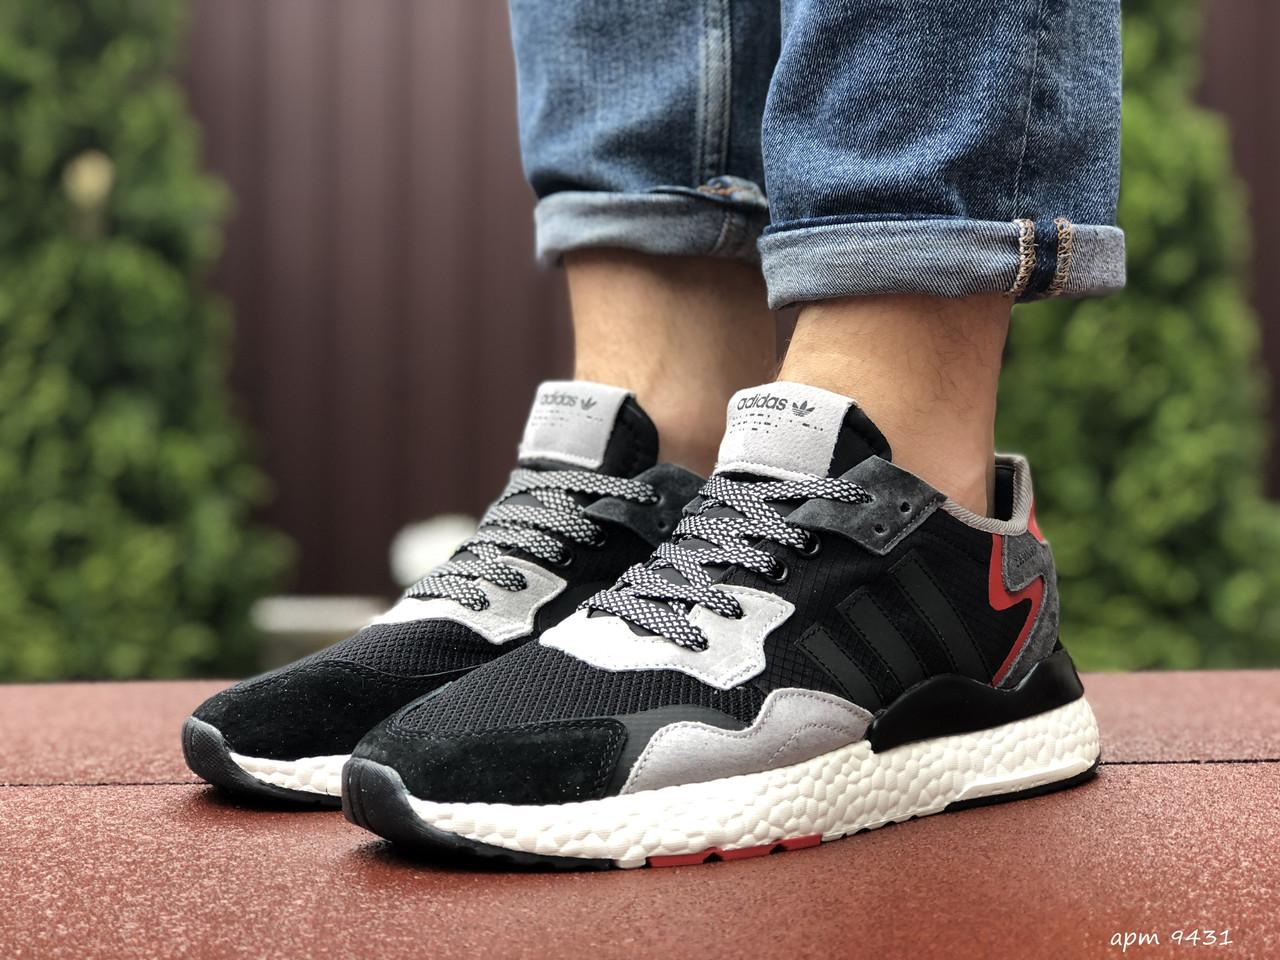 Чоловічі кроссовки Adidas Nite Jogger Boost 3M світло-чорний / білий / сірий. [Розміри в наявності: